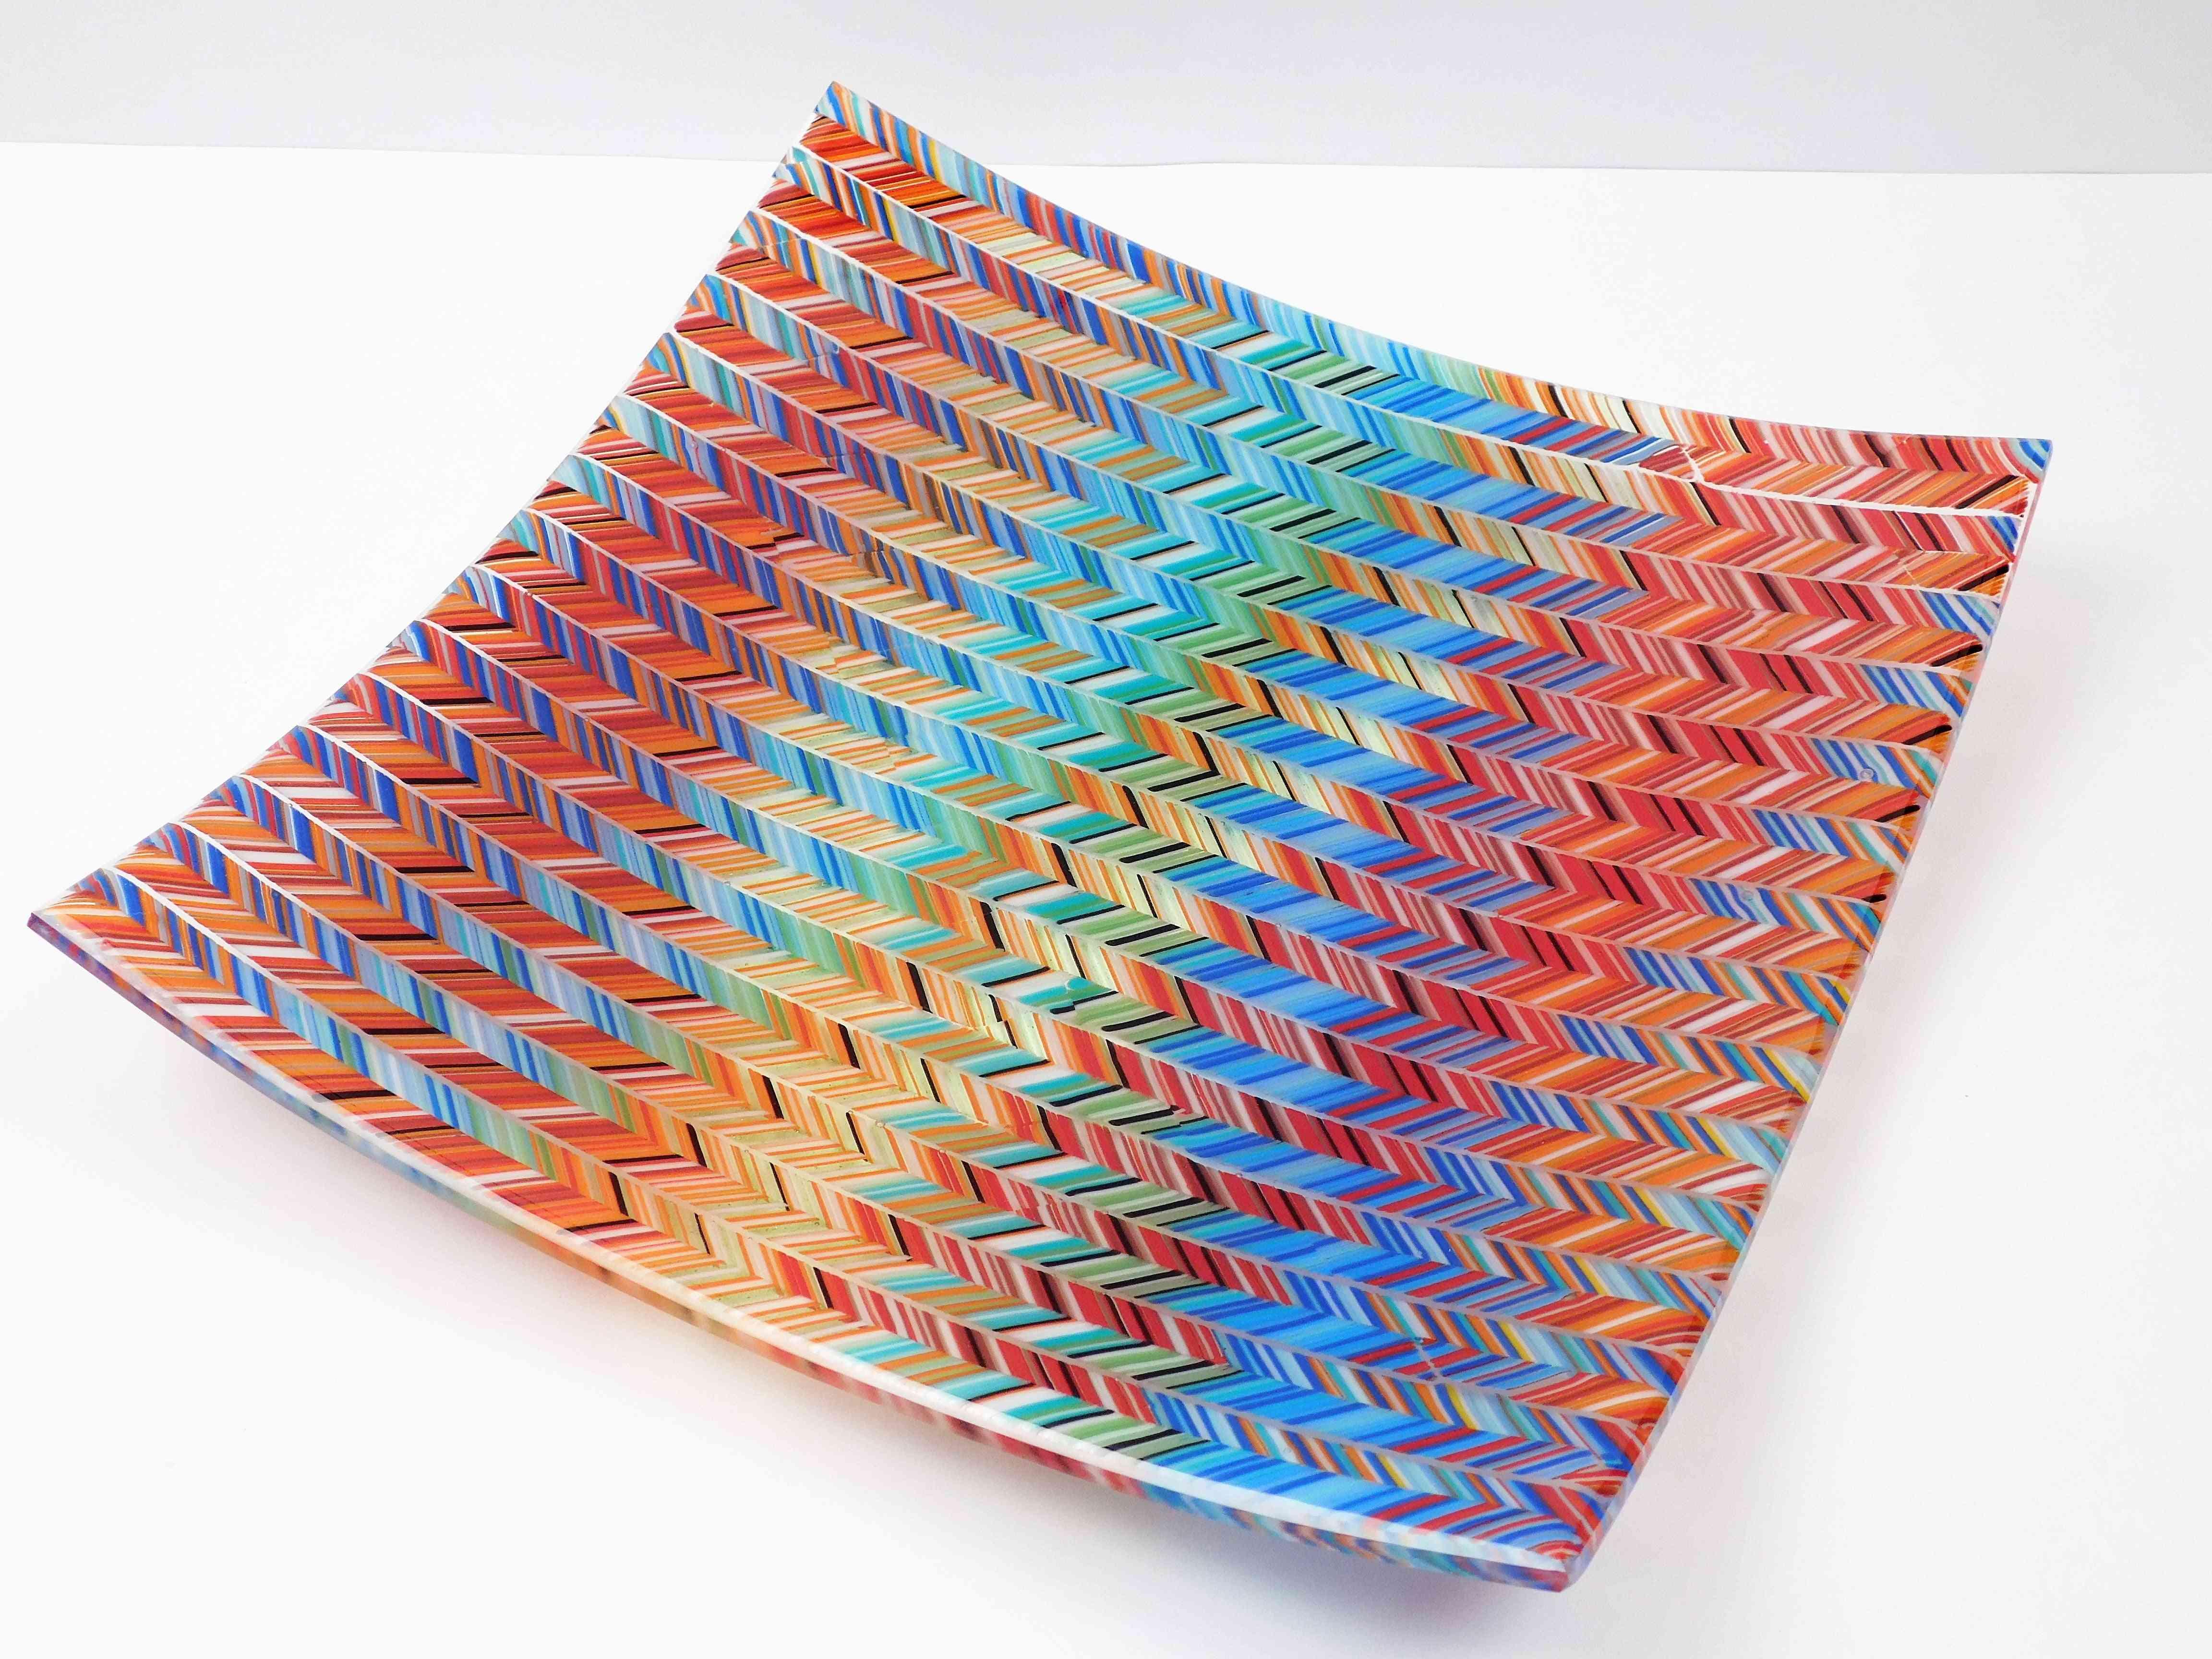 3d Chevron-square Glass Plate